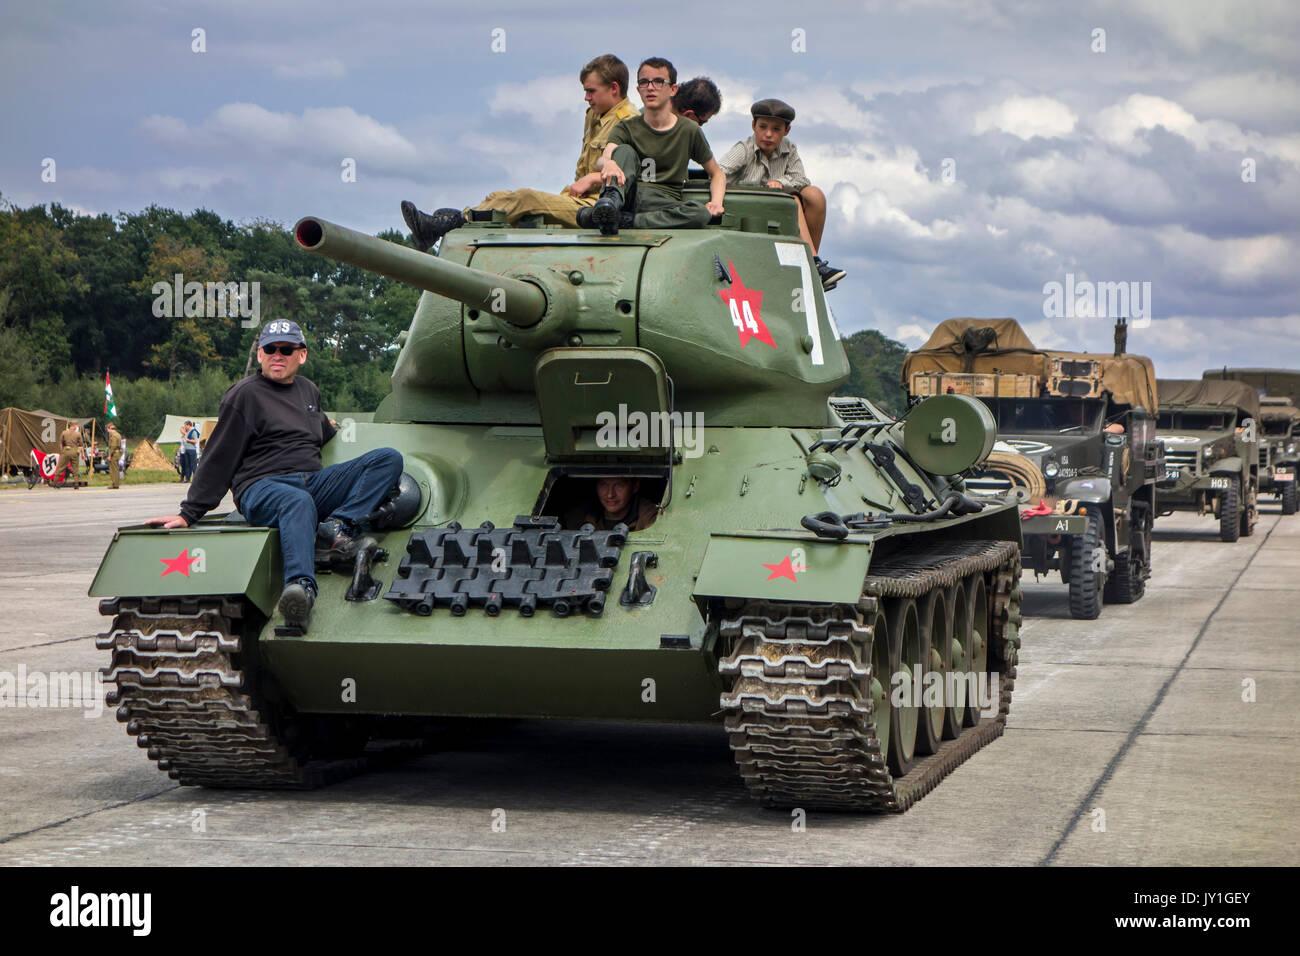 Medio soviético T-34 tanque durante WW2 vehículos militares desfile en Wold War dos feria militaria Imagen De Stock